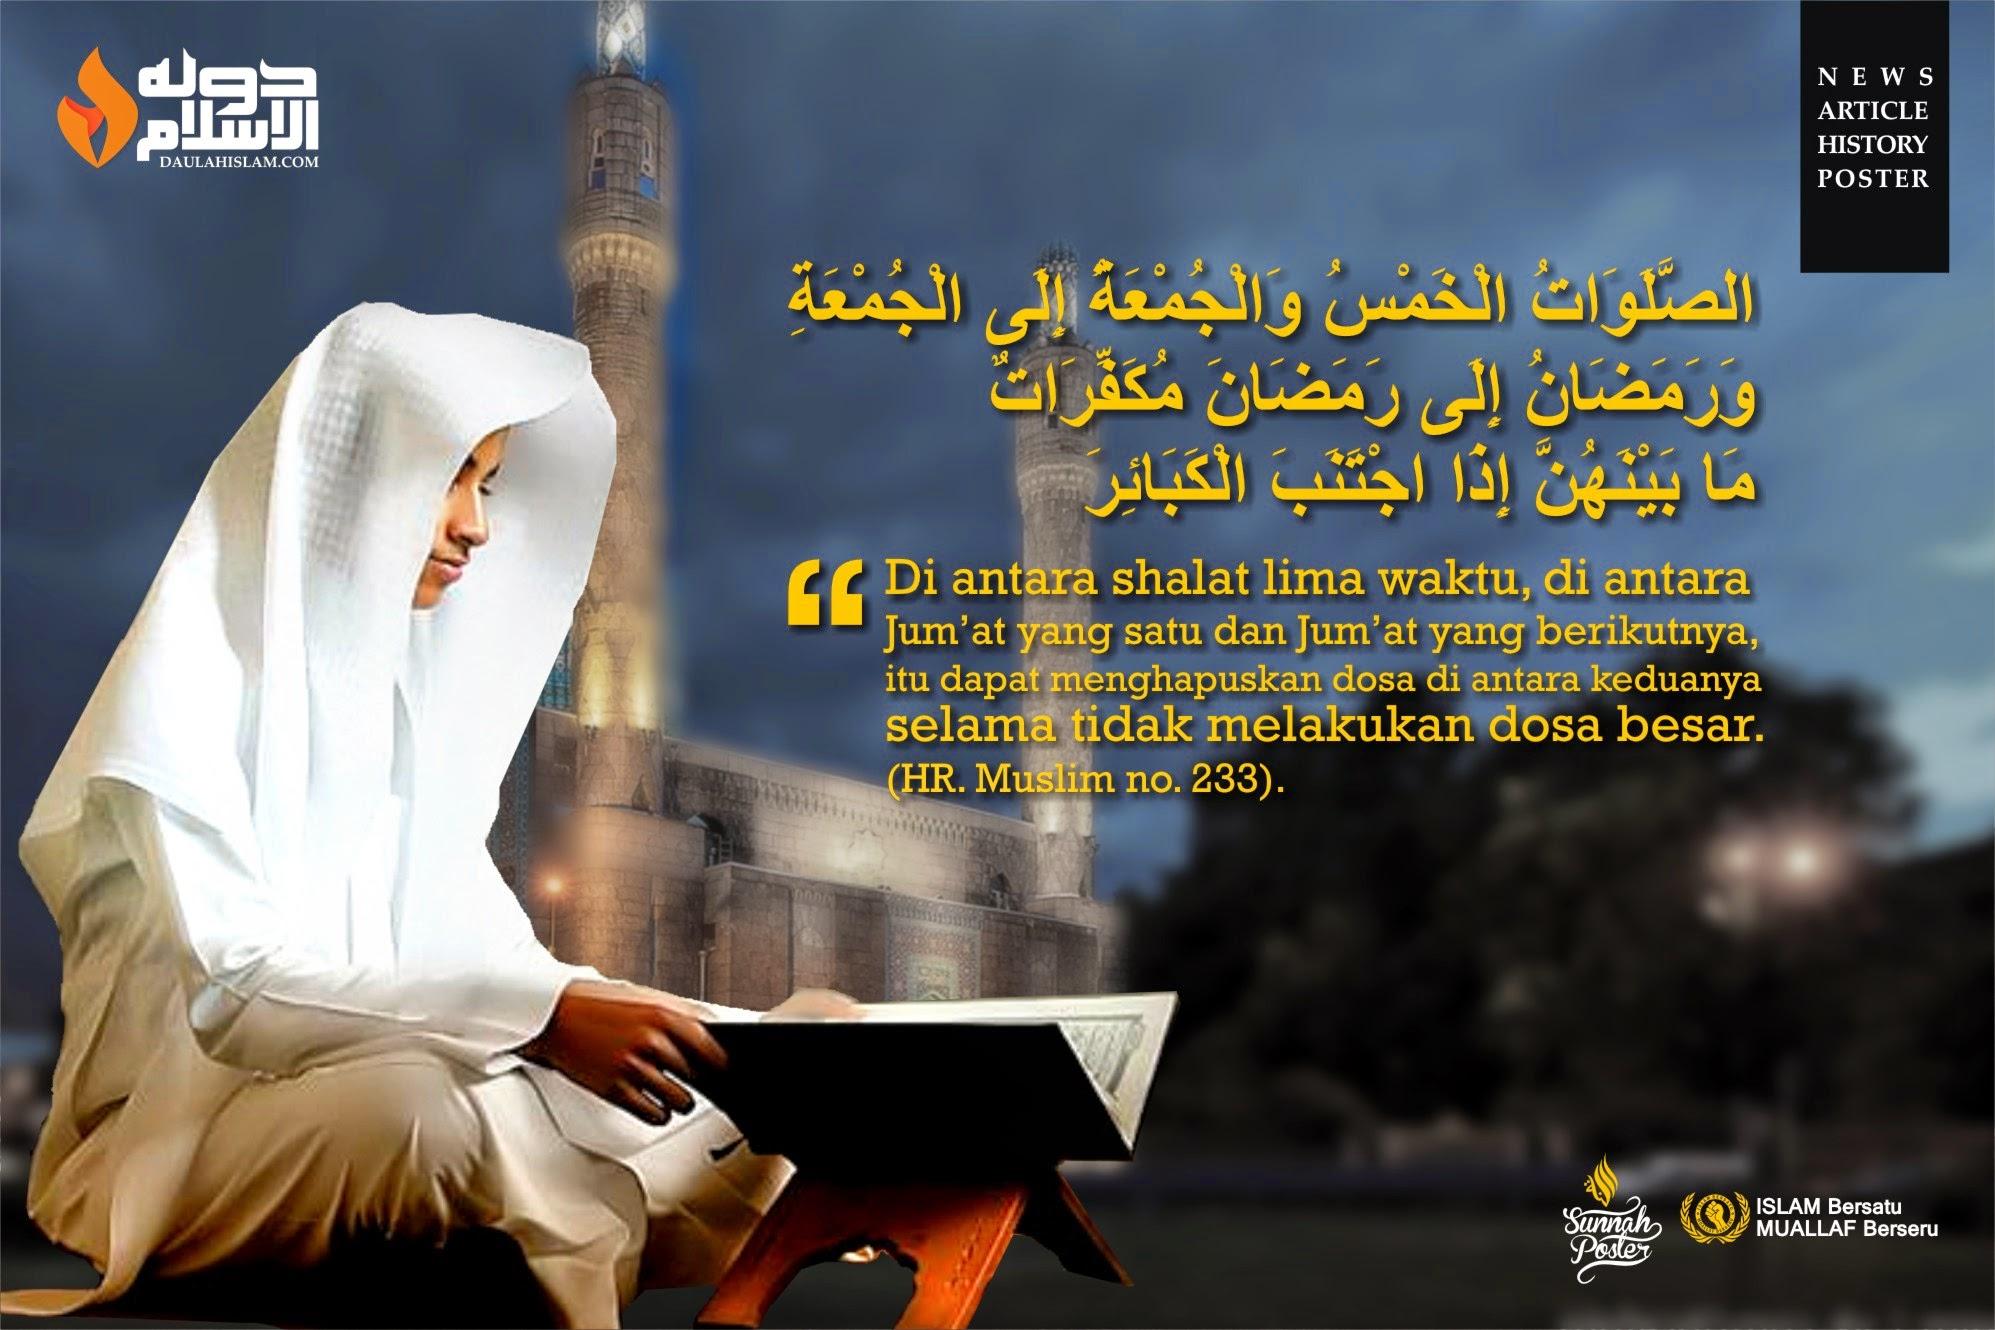 Shalat Jum'at, Jumu'ah Mubarak